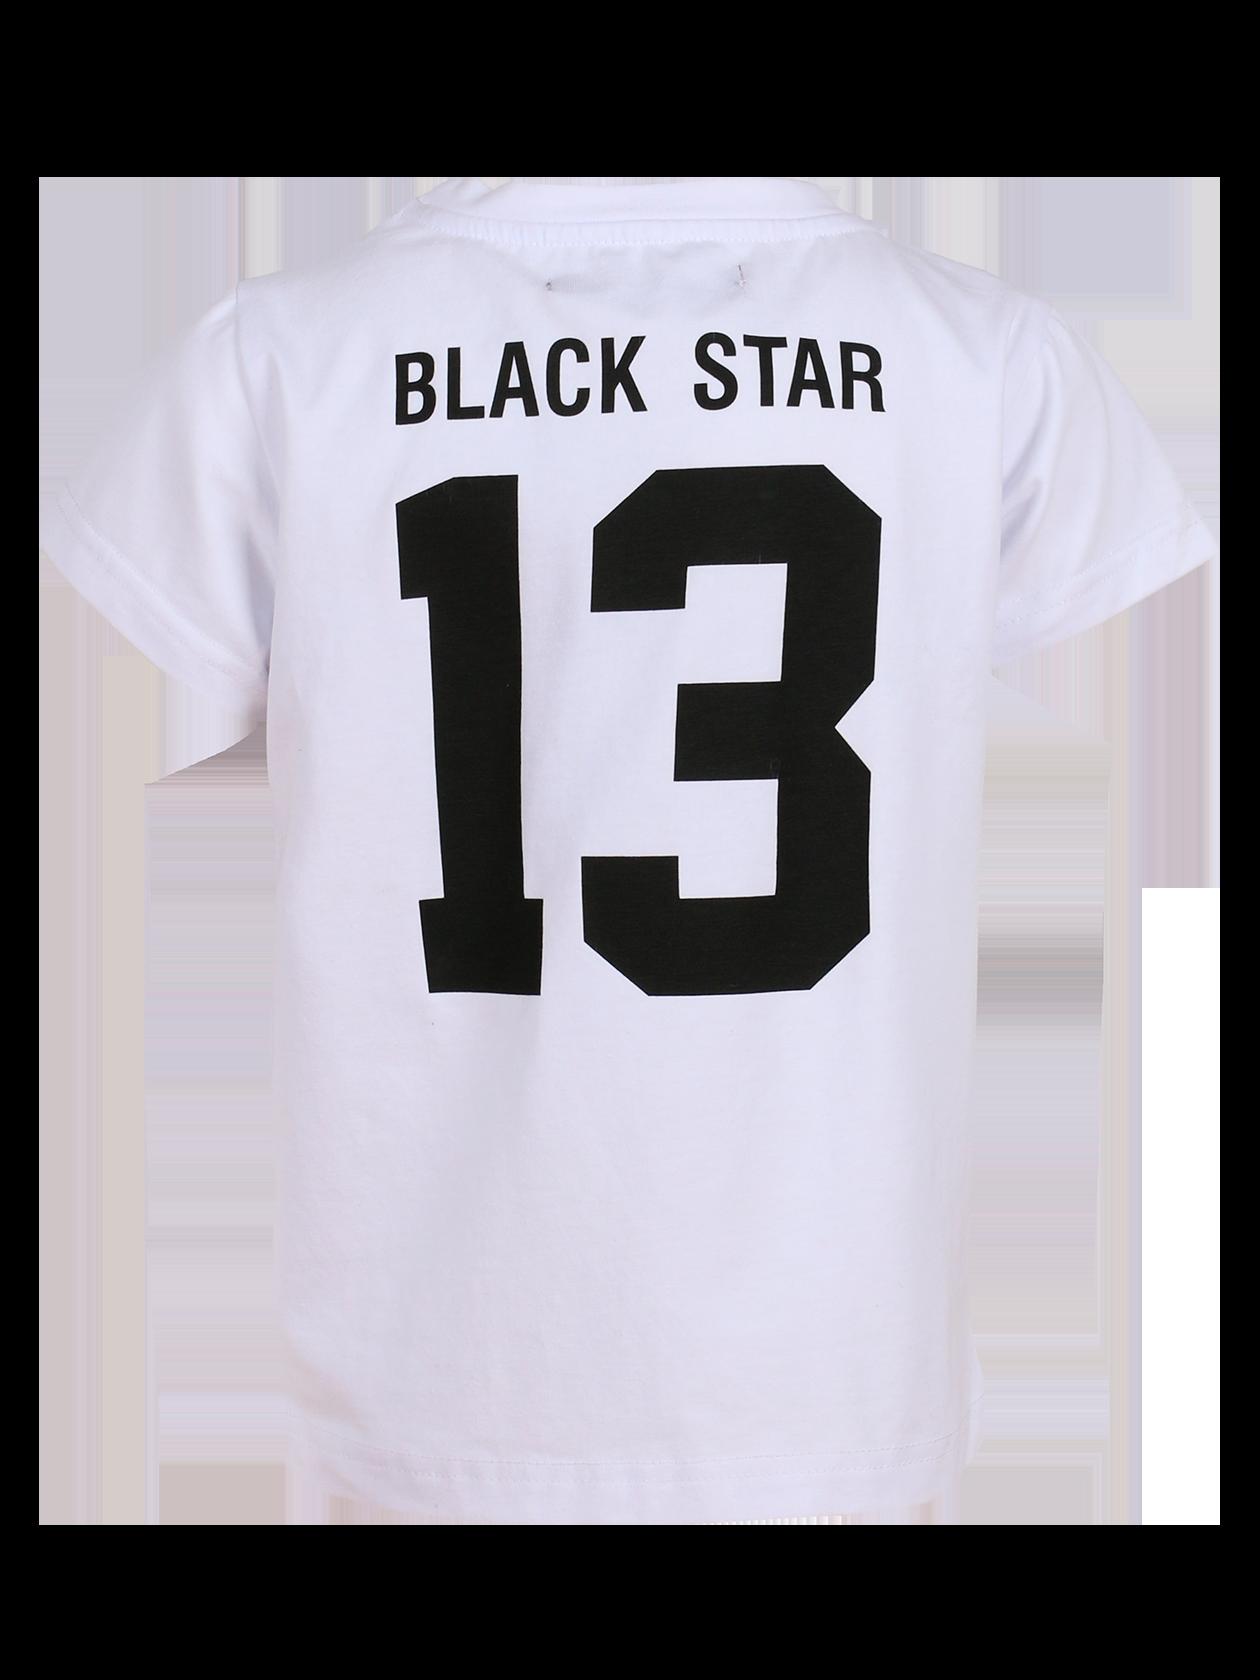 Футболка детская BLACK STAR 13Футболка детская Black Star 13 из новой линии одежды Basic – идеальное сочетание стиля, удобства и комфорта для активных непосед. Базовая модель белого цвета сшита из натурального премиального хлопка. Лаконичный дизайн, прямой свободный крой, укороченный рукав. На спине крупный принт в виде надписи Black Star 13. Внутри на горловине жаккардовый лейбл с логотипом бренда. Специальная цена вас приятно удивит.<br><br>Размер: 5-6 years<br>Цвет: Белый<br>Пол: Унисекс